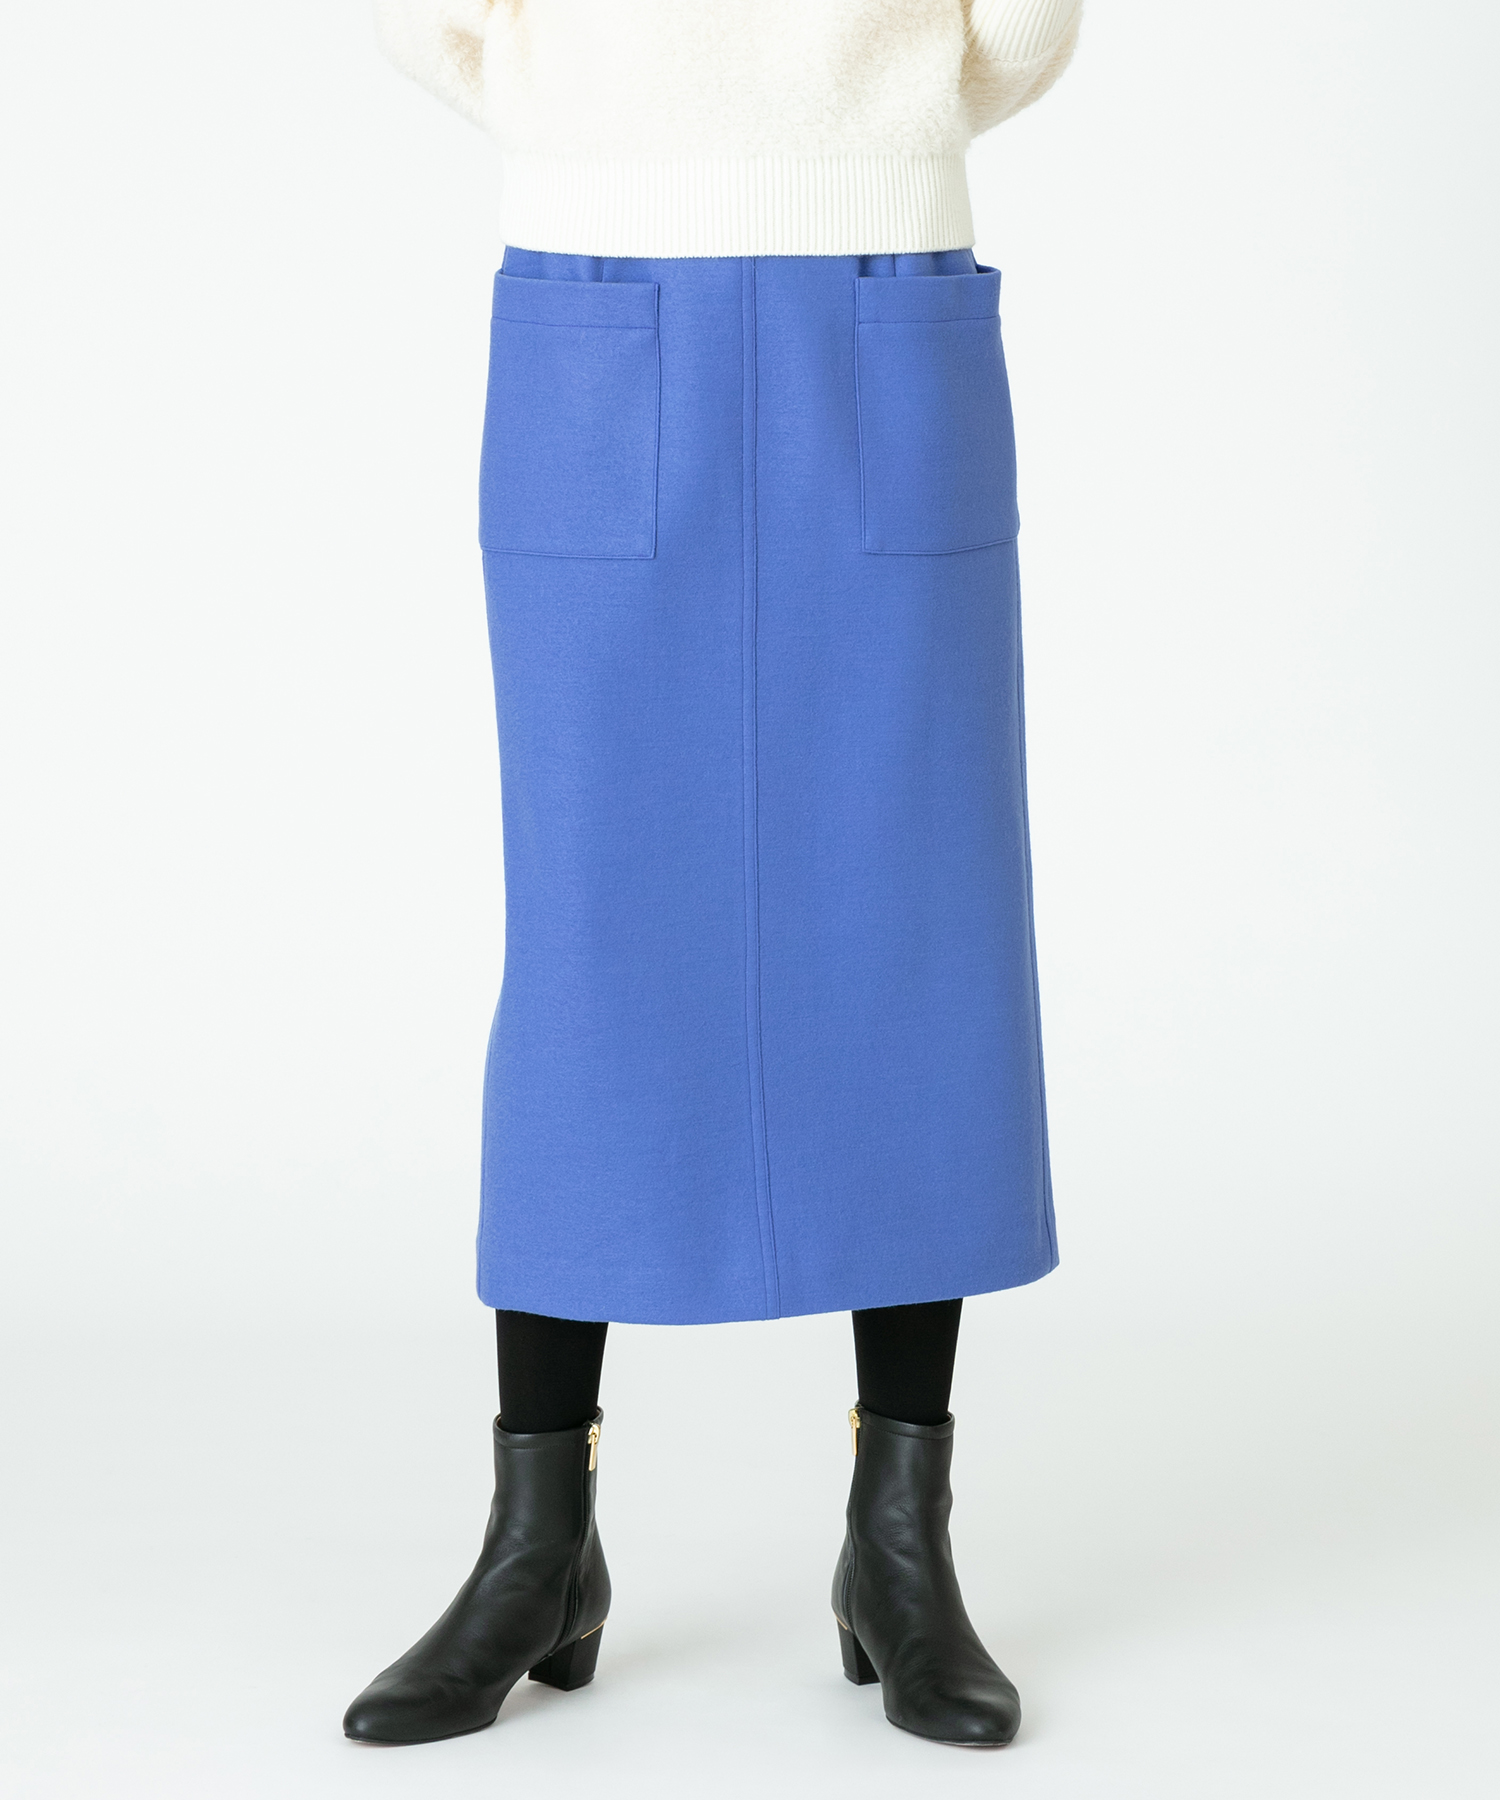 カラーメルトンタイトスカート